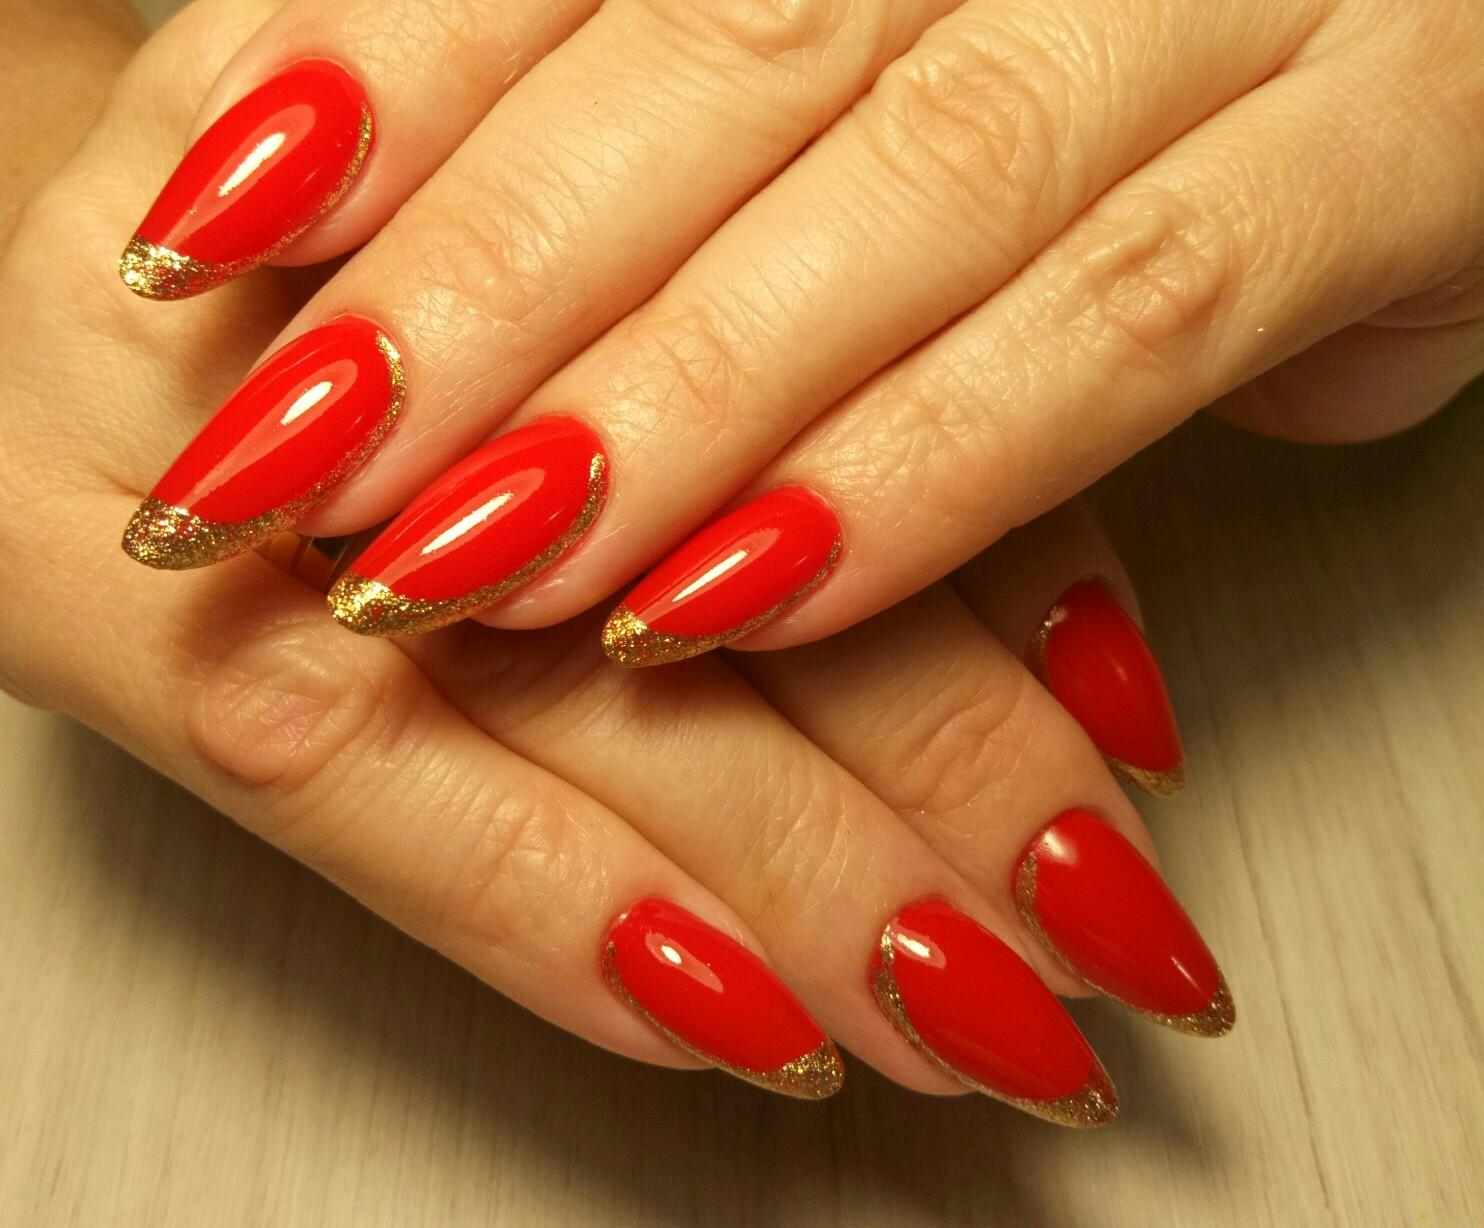 Маникюр с золотыми блестками в красном цвете.